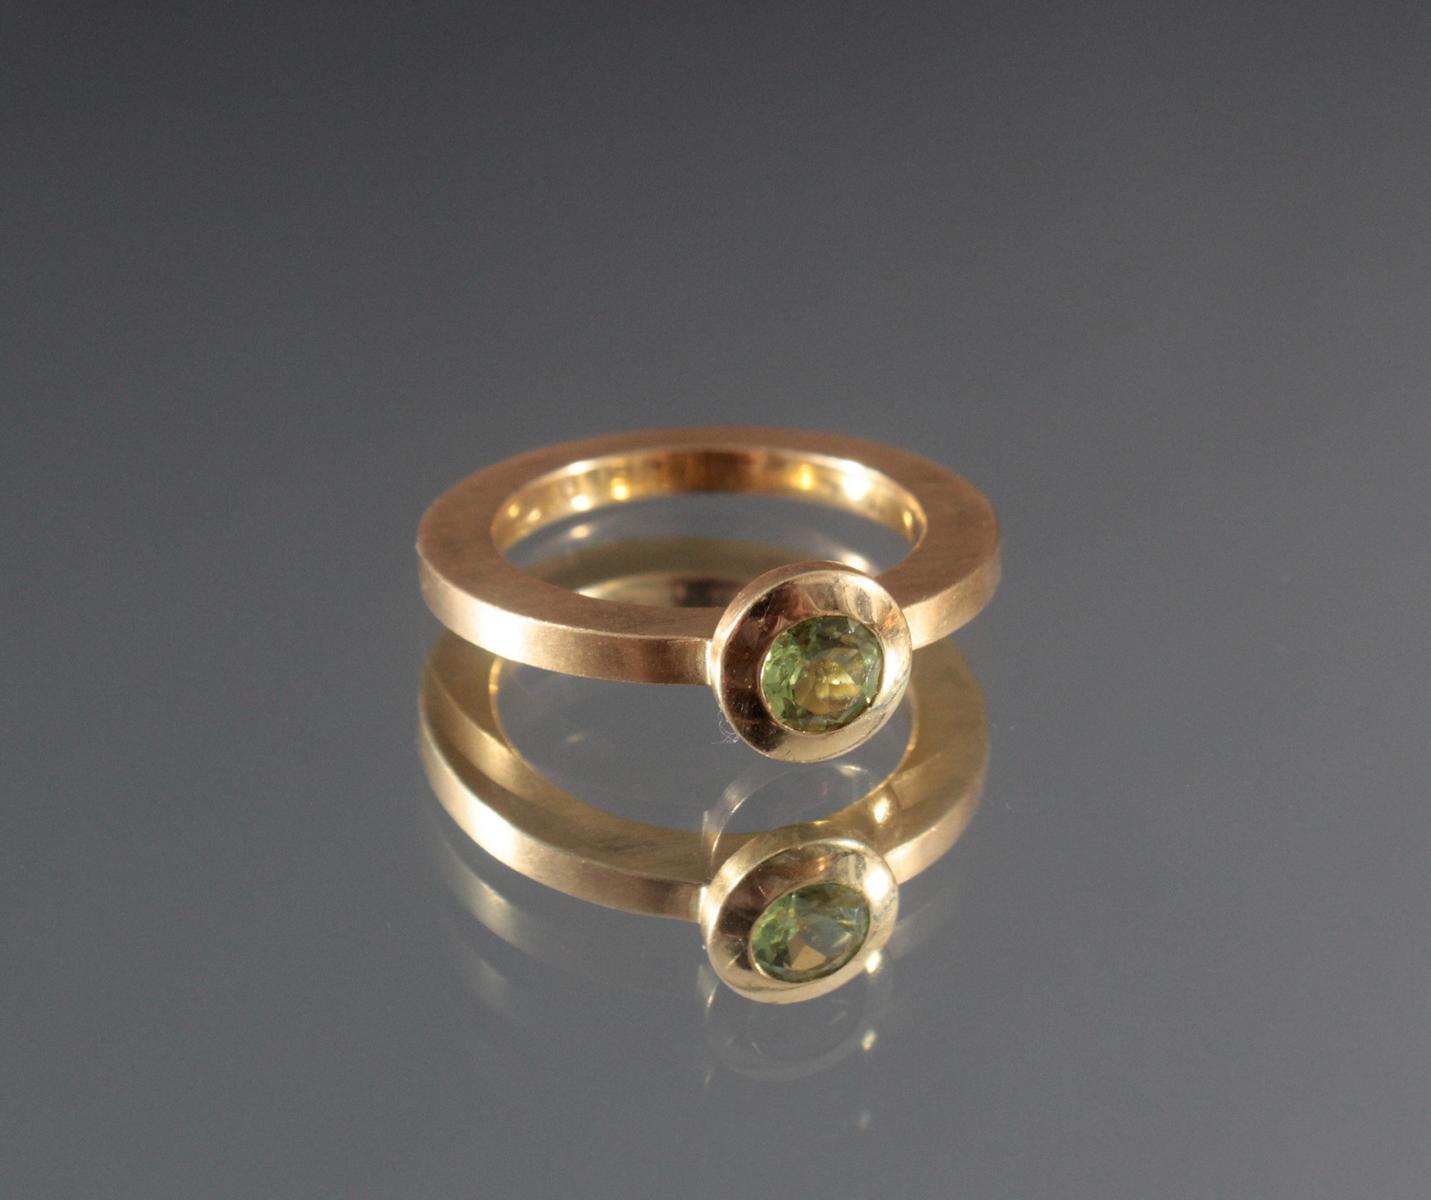 Damenring mit Peridot im Diamantschliff. 18 Karat Gelbgold-2